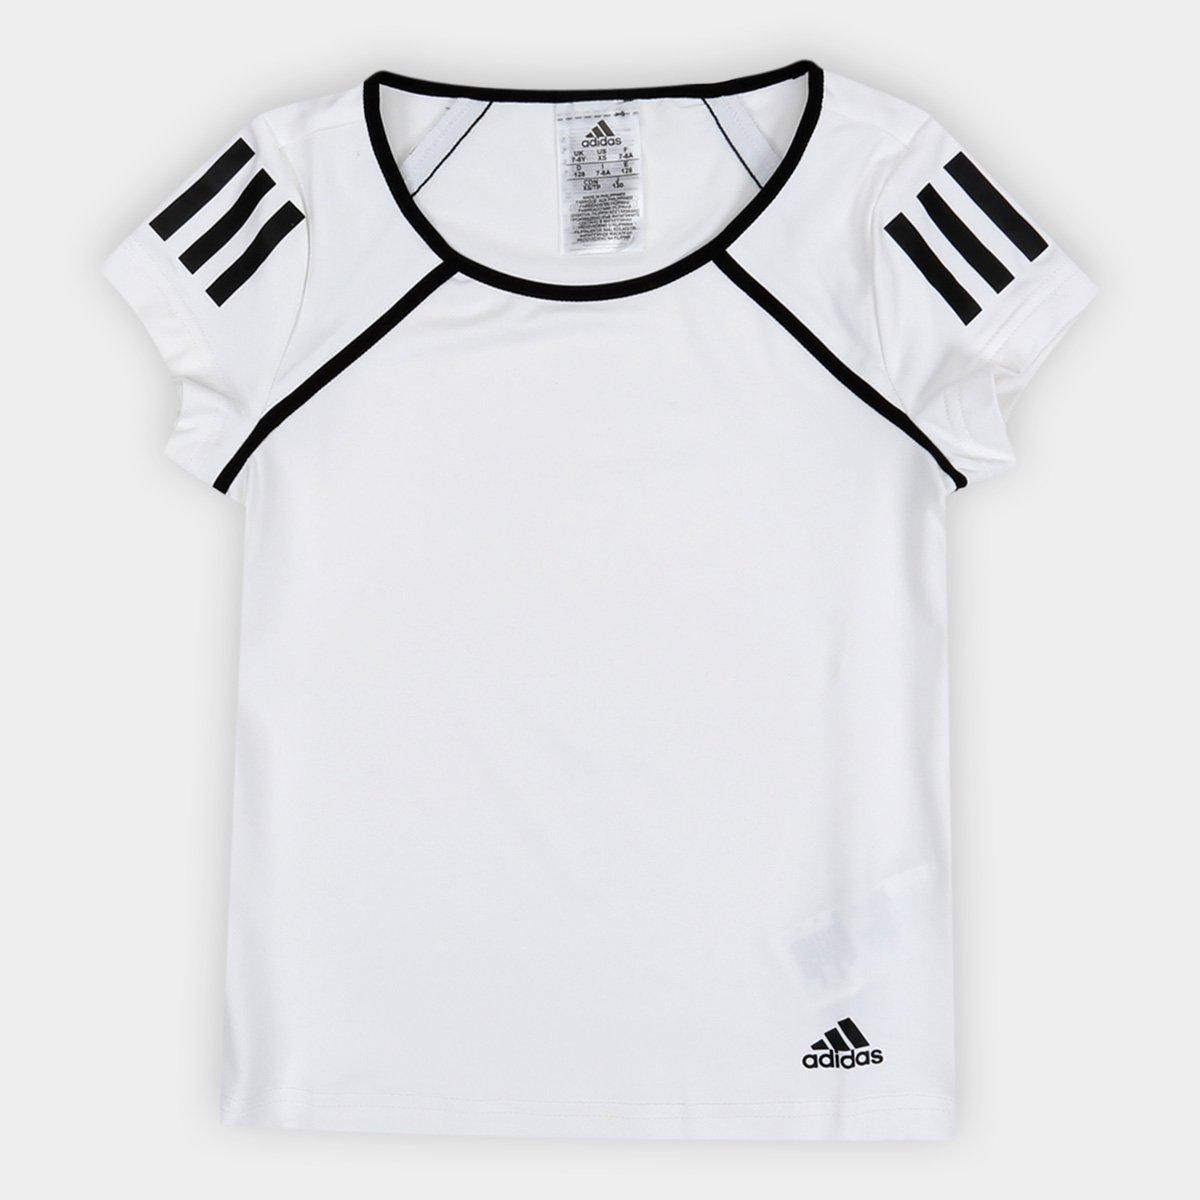 990bbee2730 Camiseta Infantil Adidas G Club Proteção UV Feminina - Branco - Compre  Agora